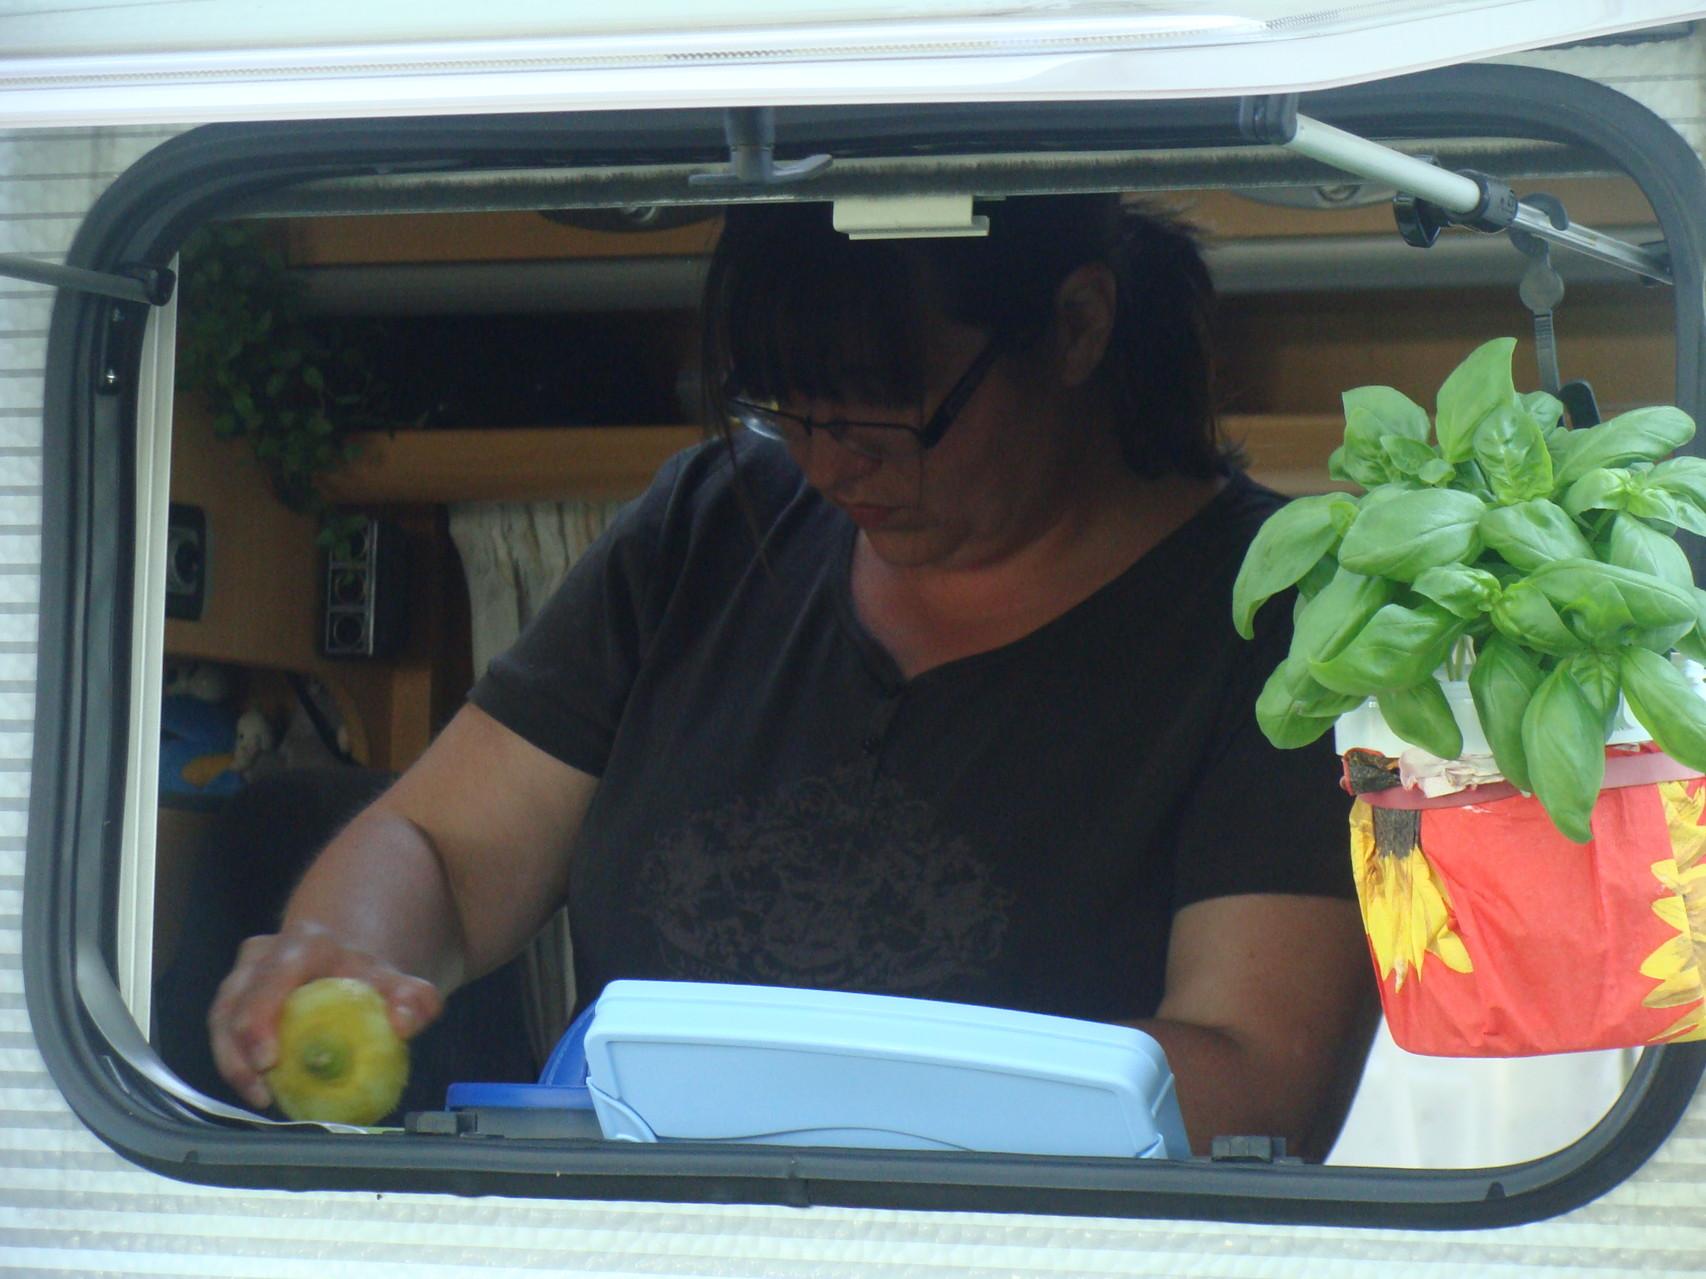 Sabine und Ihr frisch gewachsenes Basilikum am Wohnmobilfenster